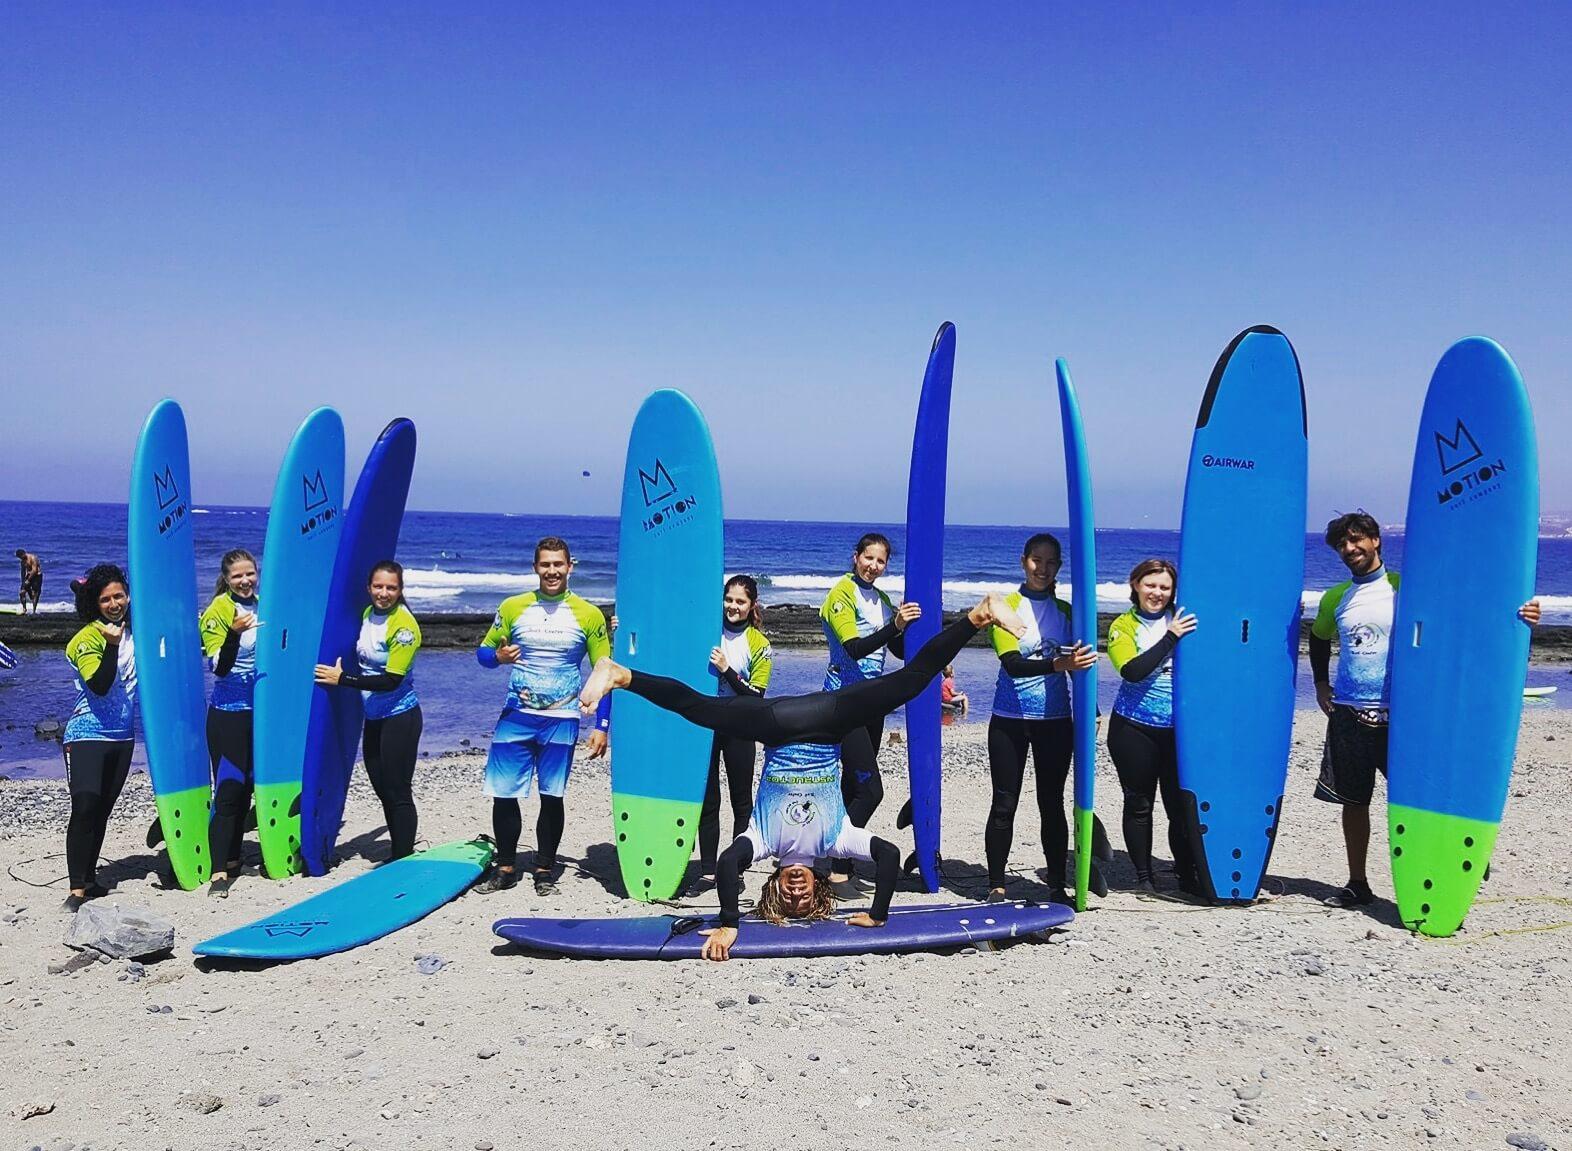 Surfcamp JAGGA SURF CAMP in Tenerife, Canarias, España